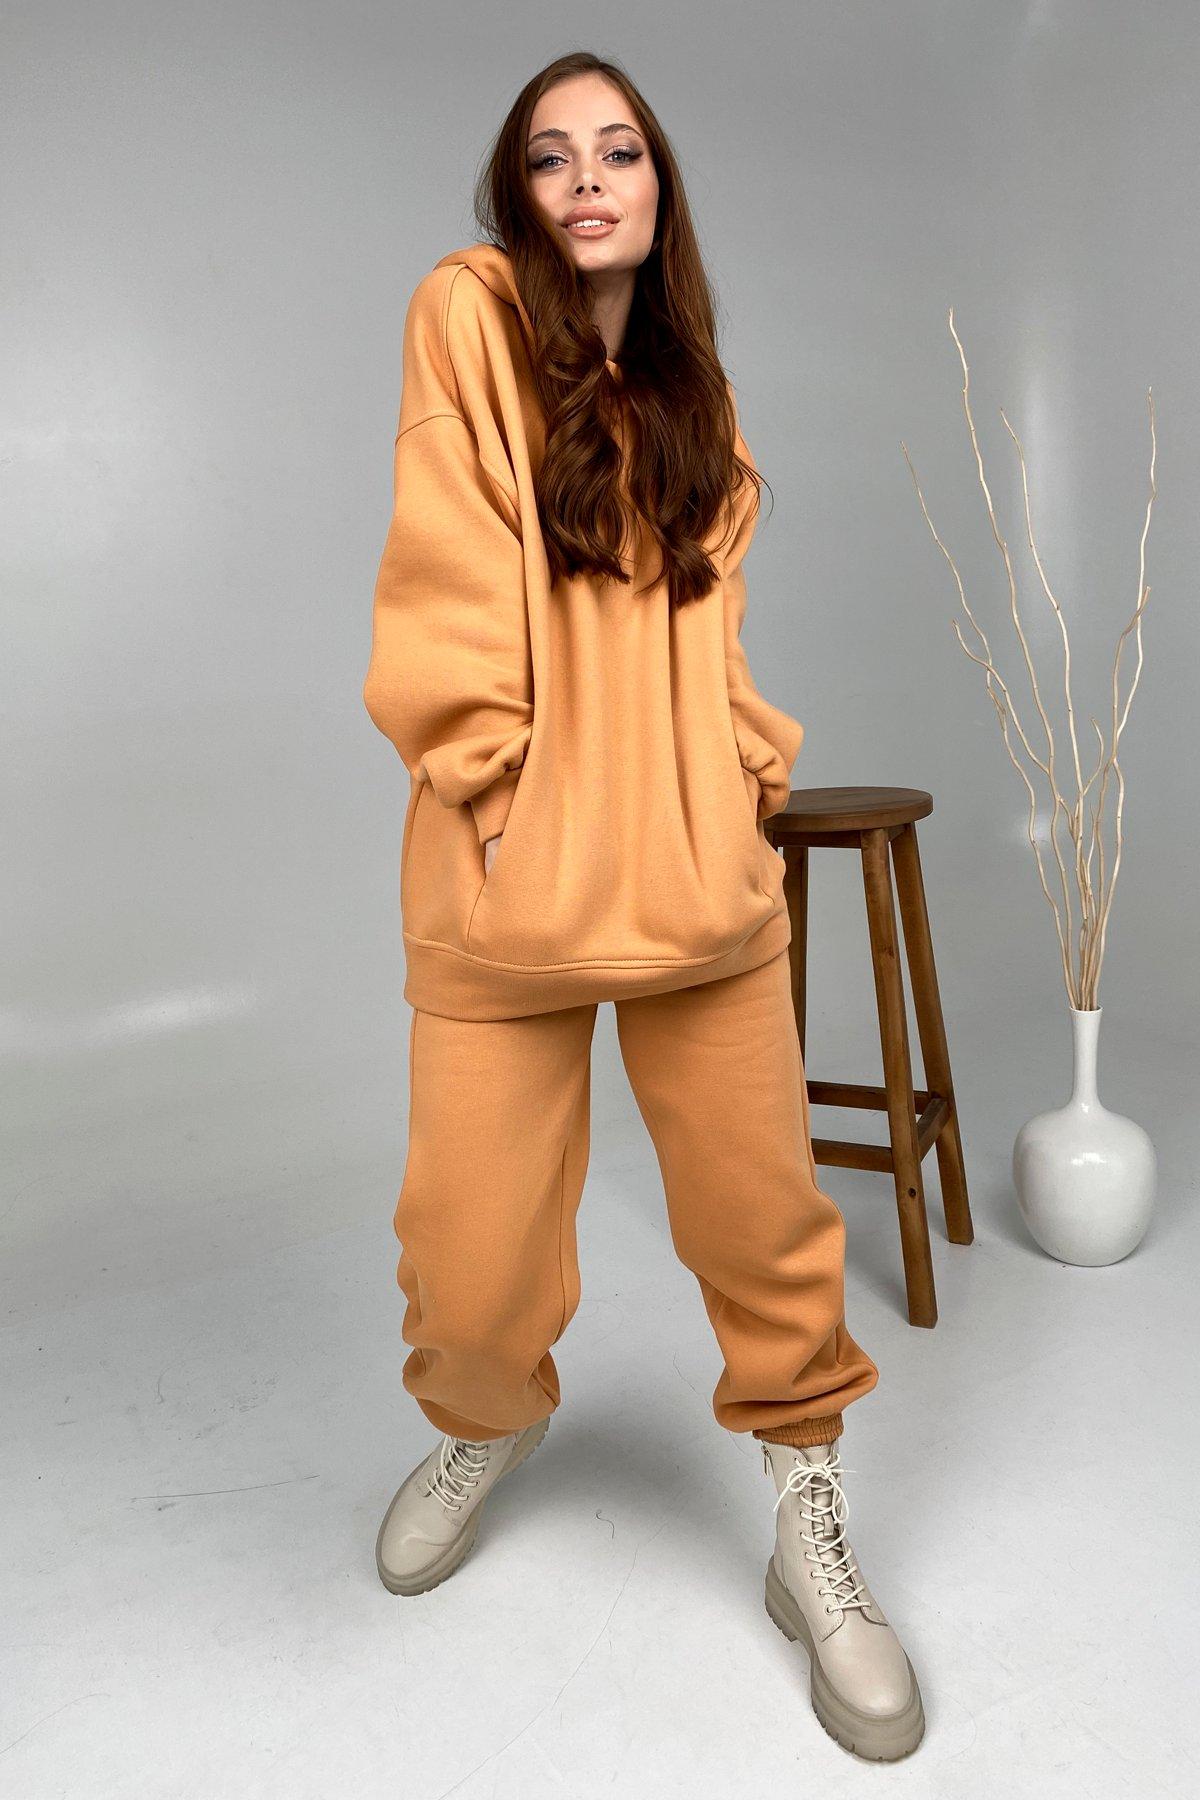 Марион костюм в  стиле Oversize  3х нитка 9651 АРТ. 46371 Цвет: Св.Кемел - фото 3, интернет магазин tm-modus.ru